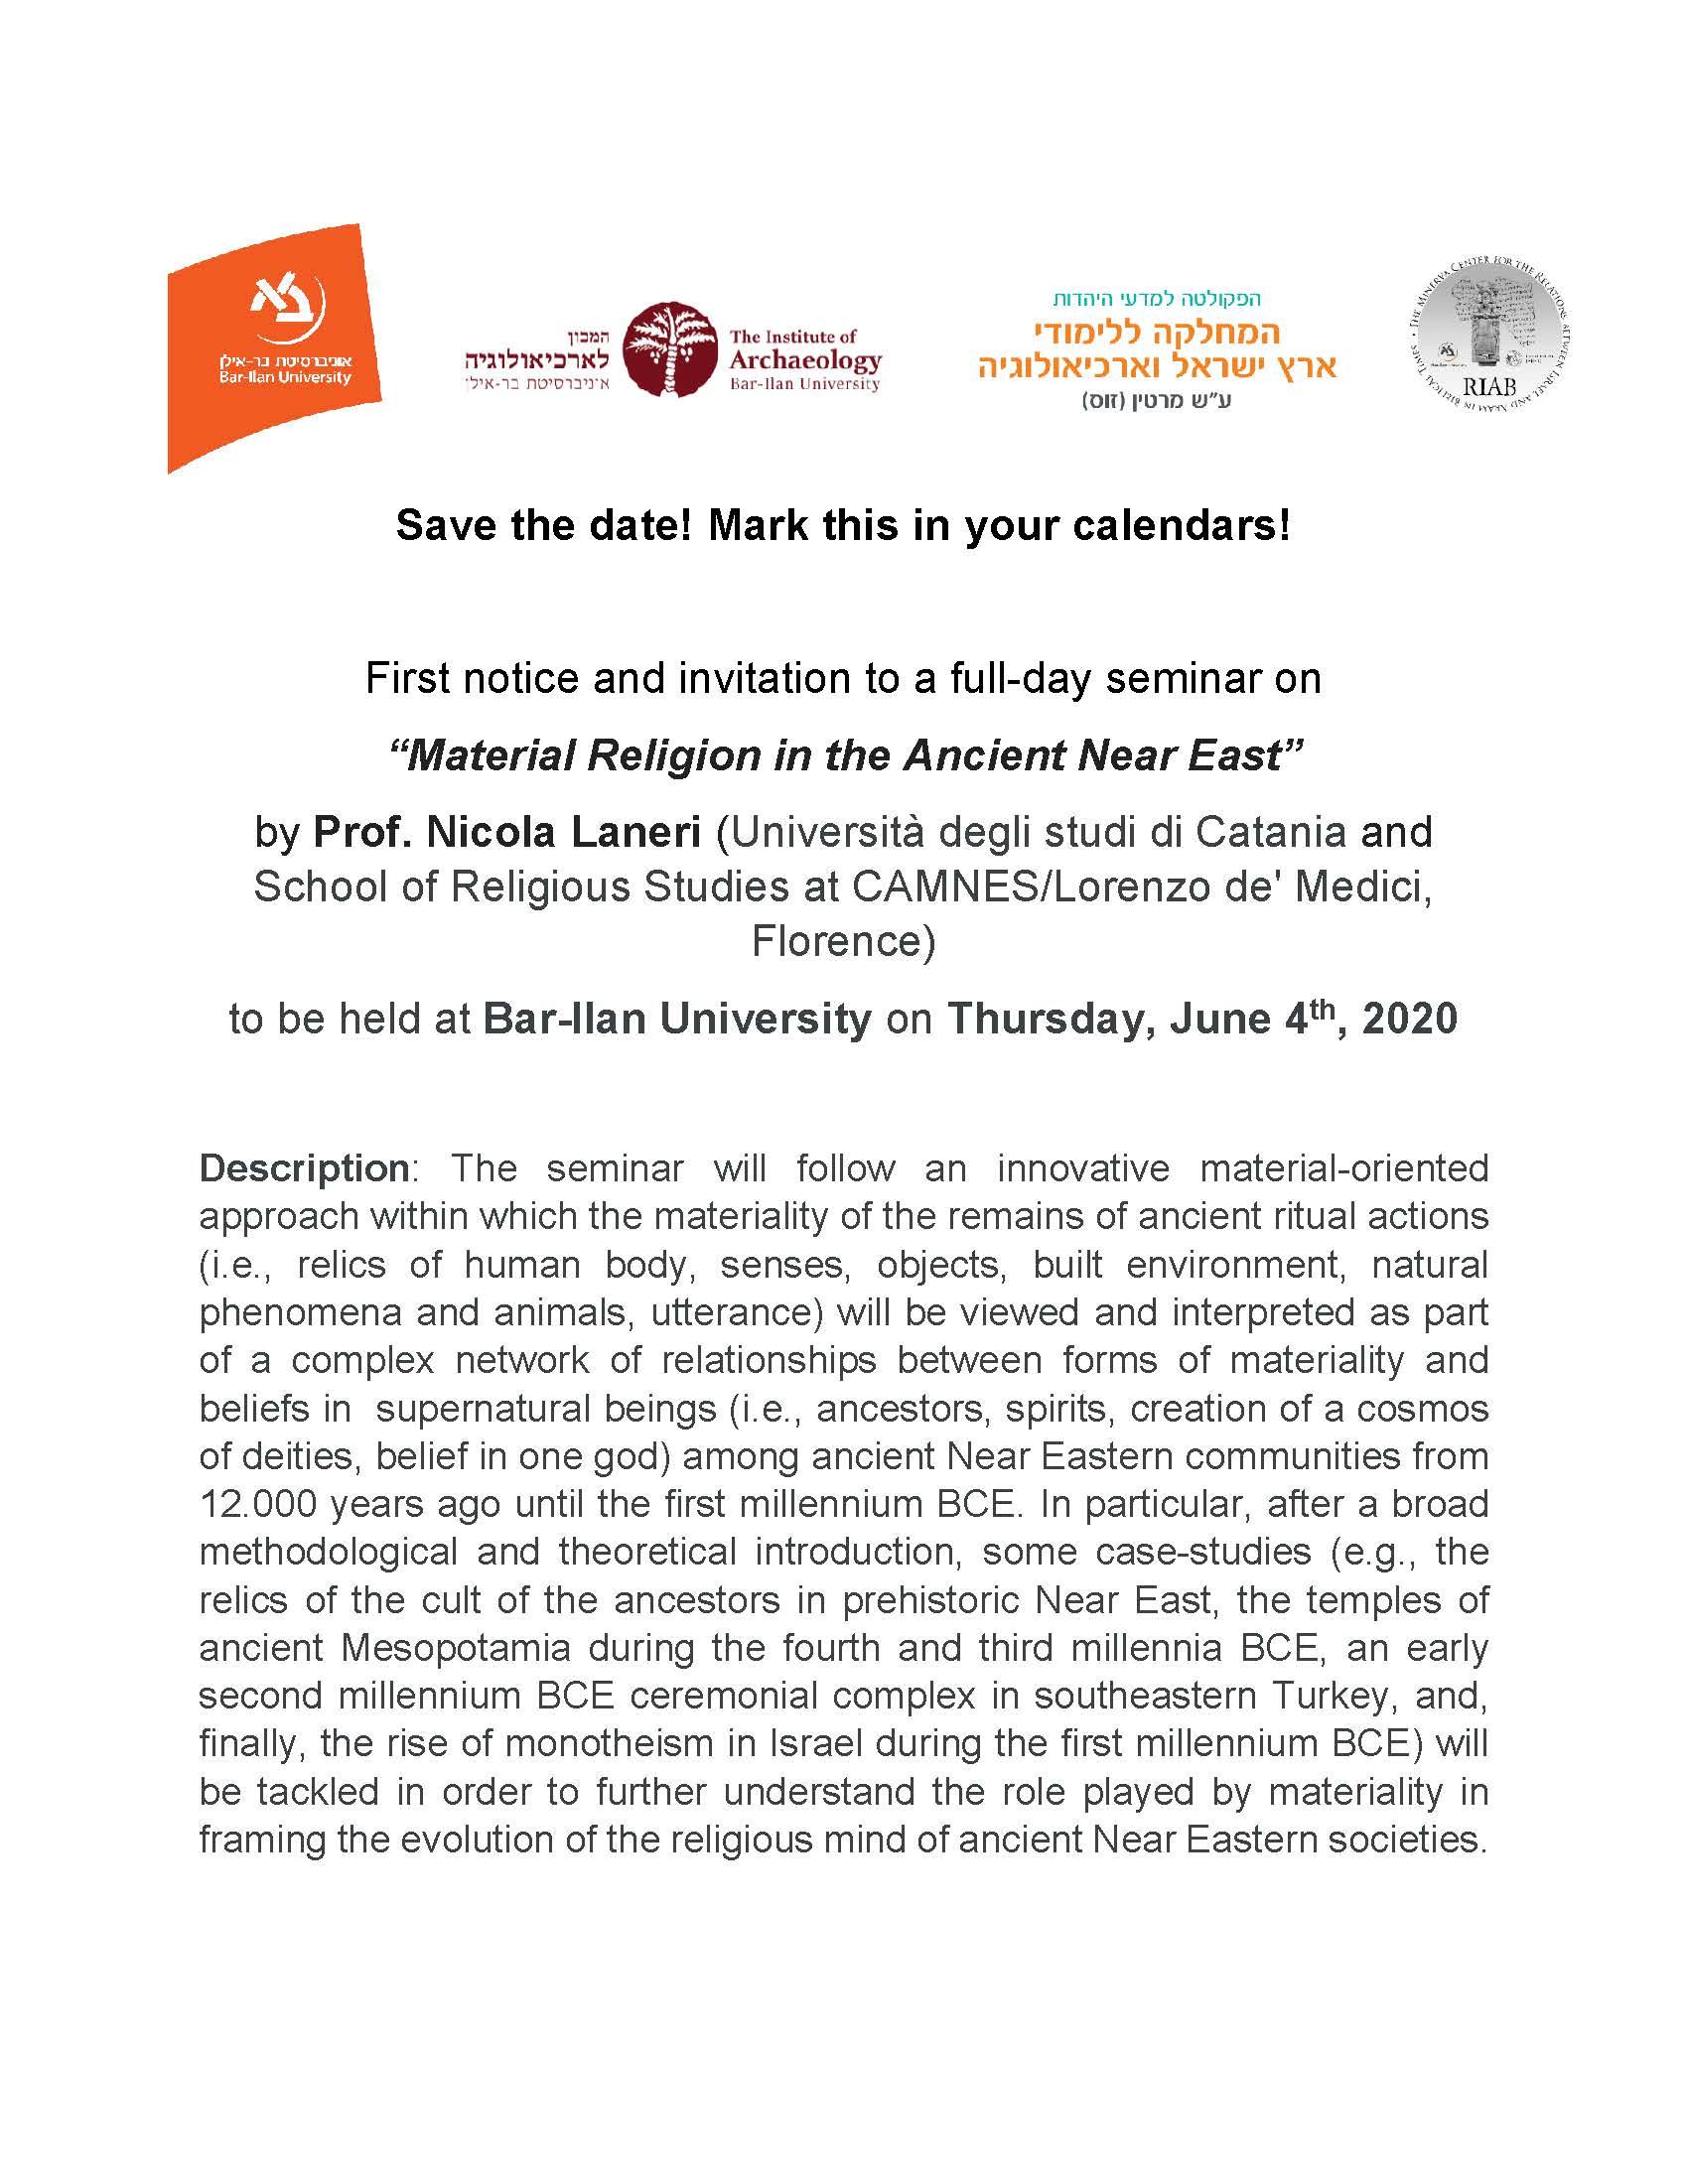 Laneri seminar first notice